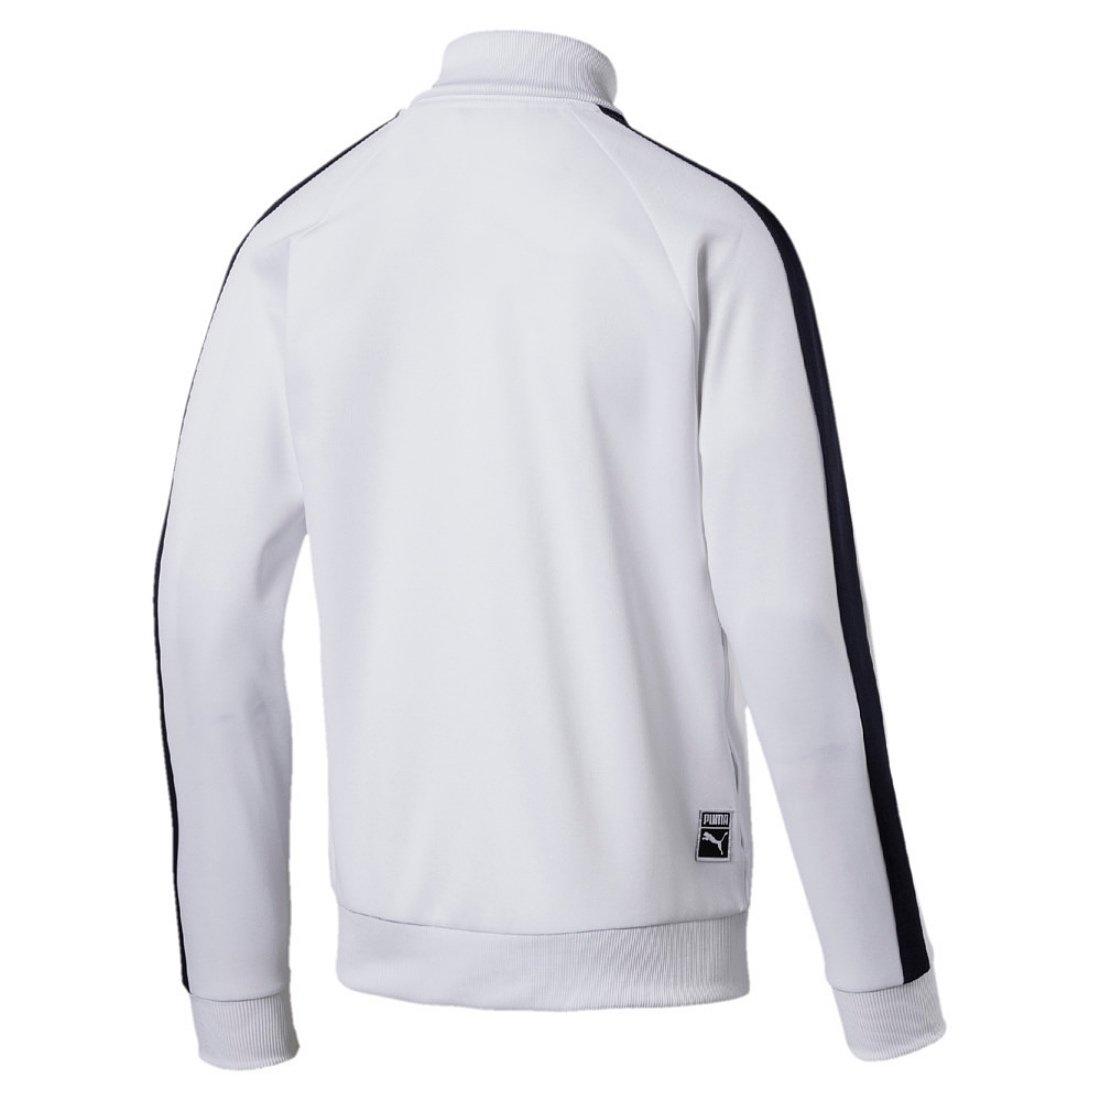 Puma T7 Vintage Herren Trainingsjacke Peacoat-Weiß L B078VD5L7P B078VD5L7P B078VD5L7P Jacken Fashionista b6268c